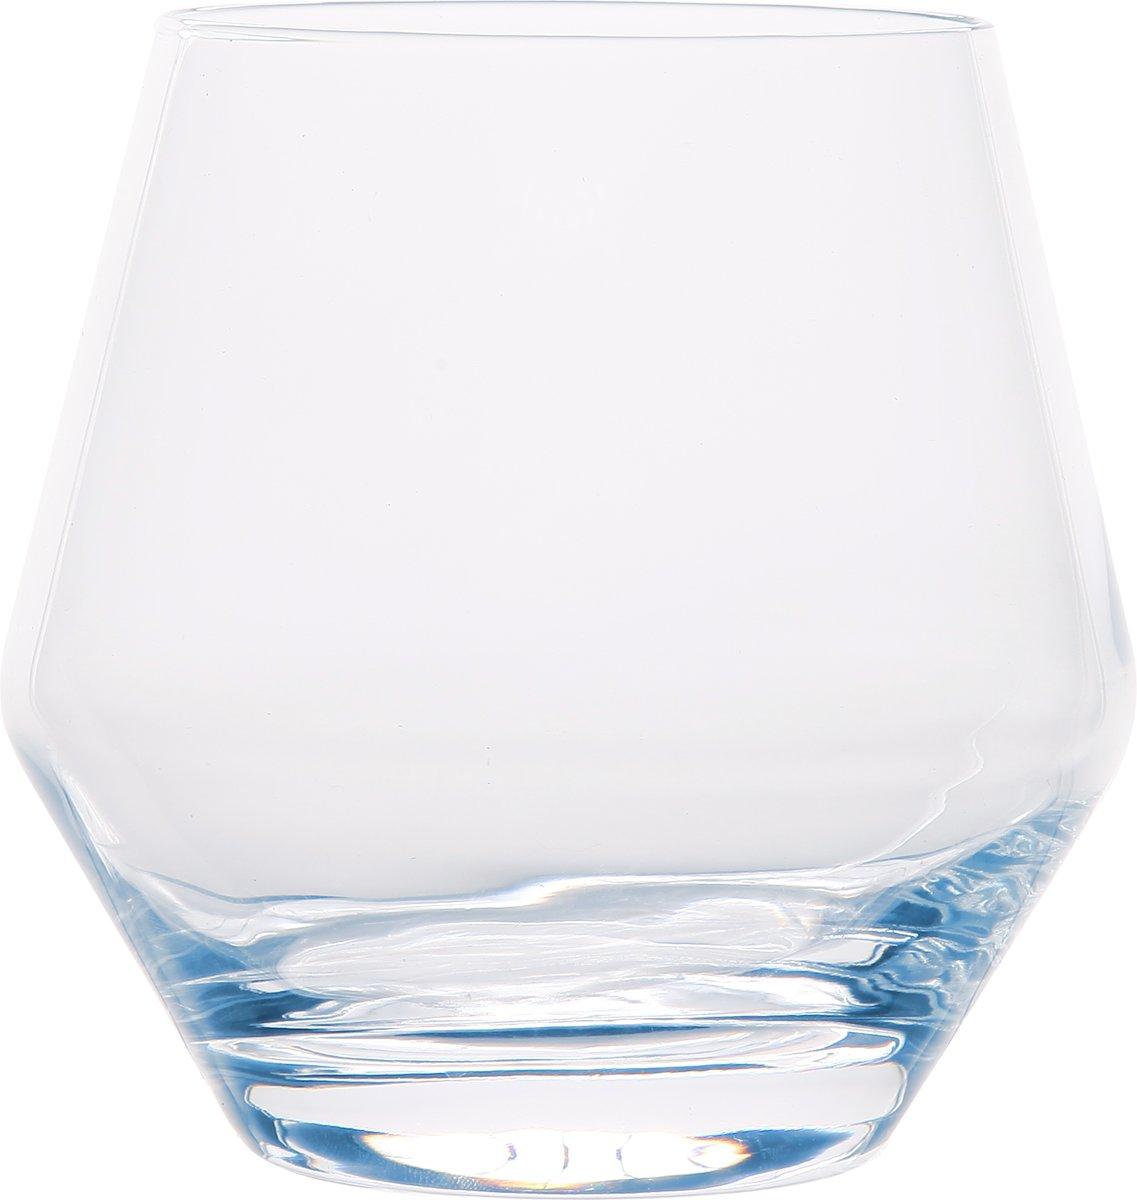 Cristal D'arques Ose - 42 cl - Set-6 kopen